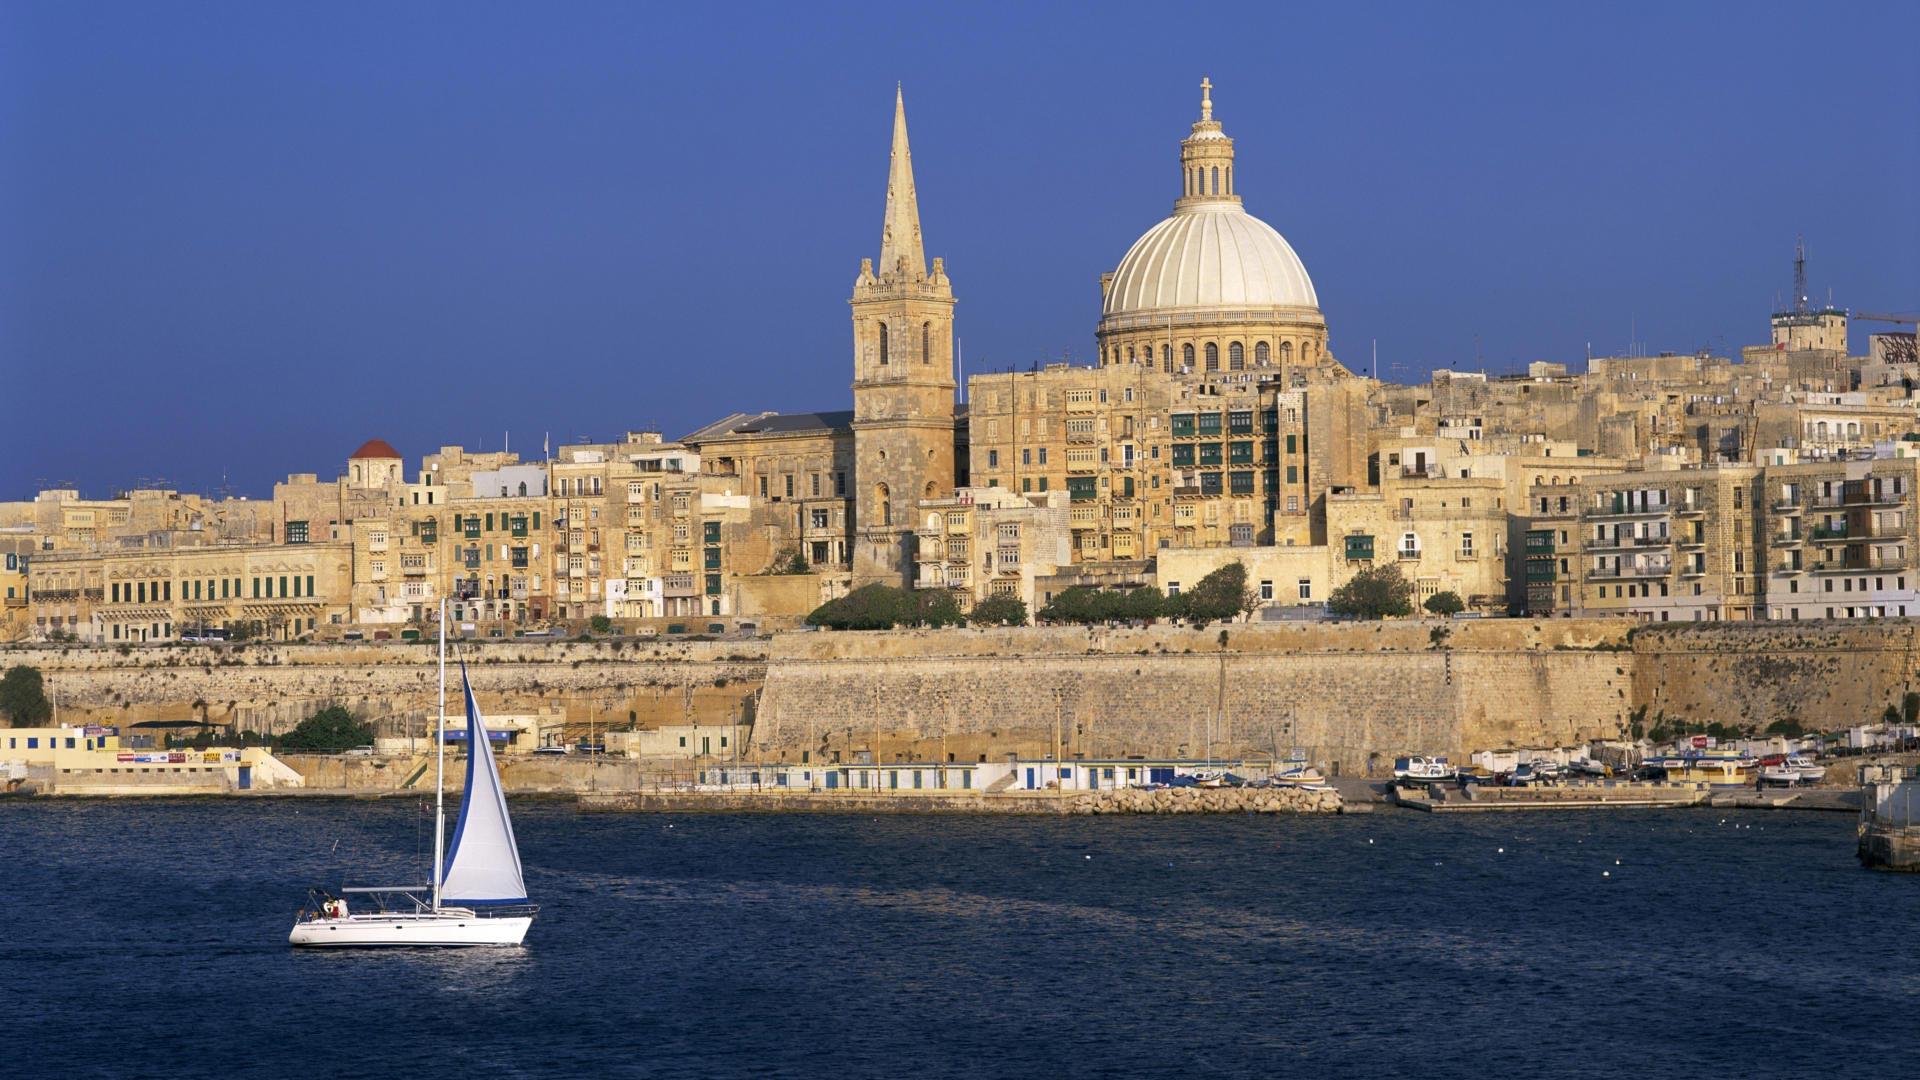 Dove Si Trova Malta Cartina.Dove Si Trova Malta Come Andare Nell Isola Dei Desideri Del Mediterraneo